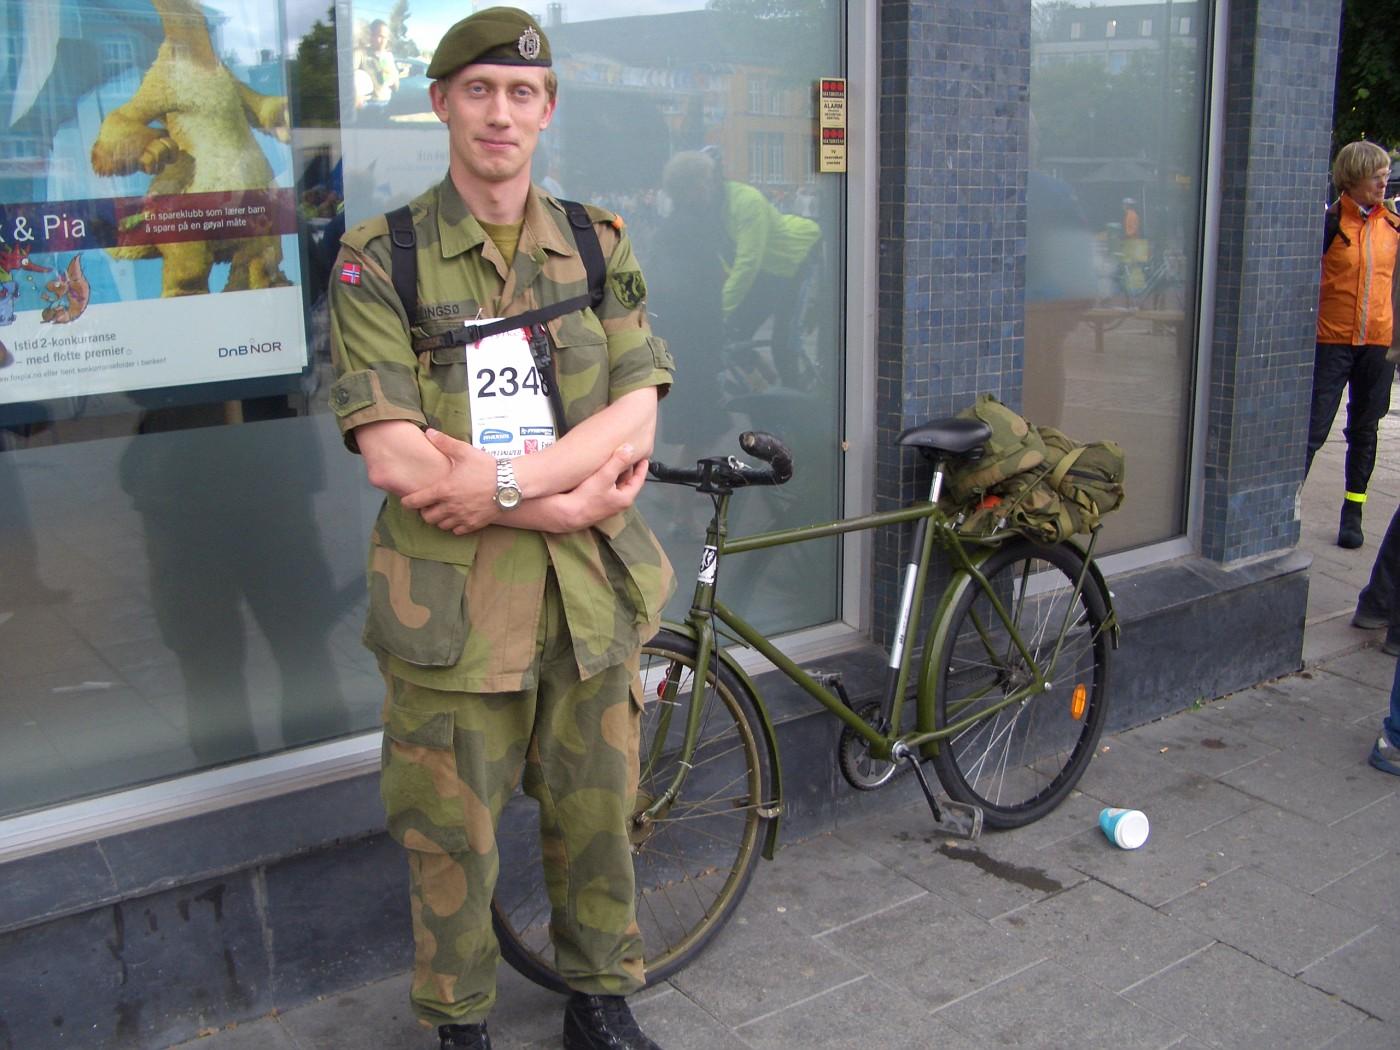 Soldat mit Diensfahrrad am Startplatz